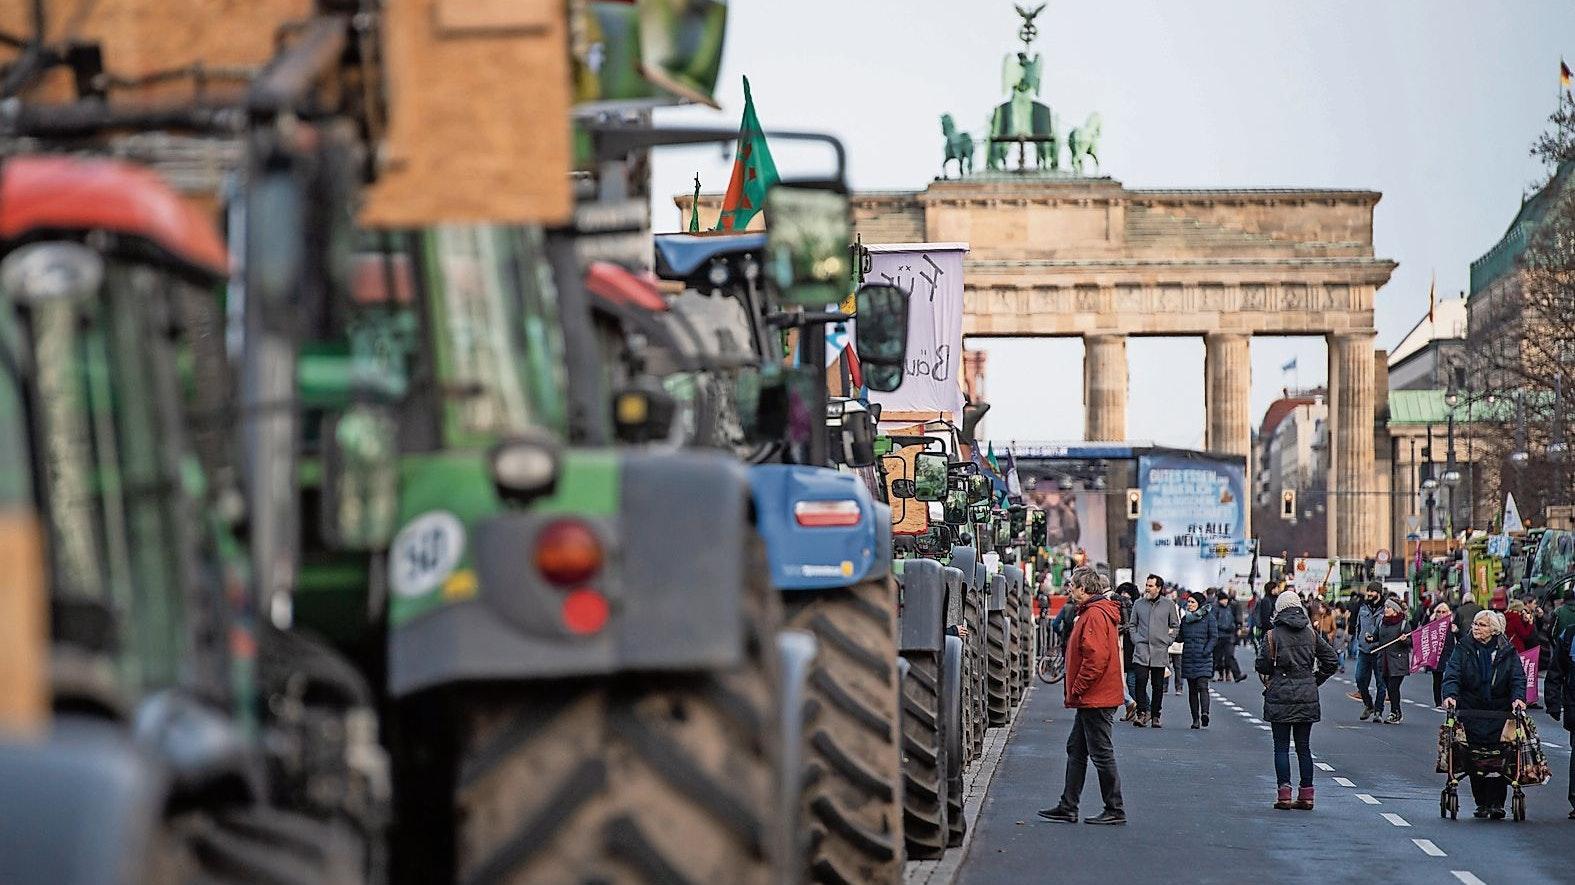 Neuauflage geplant: Kommende Woche wollen Bauern in Berlin demonstrieren. Foto: dpa